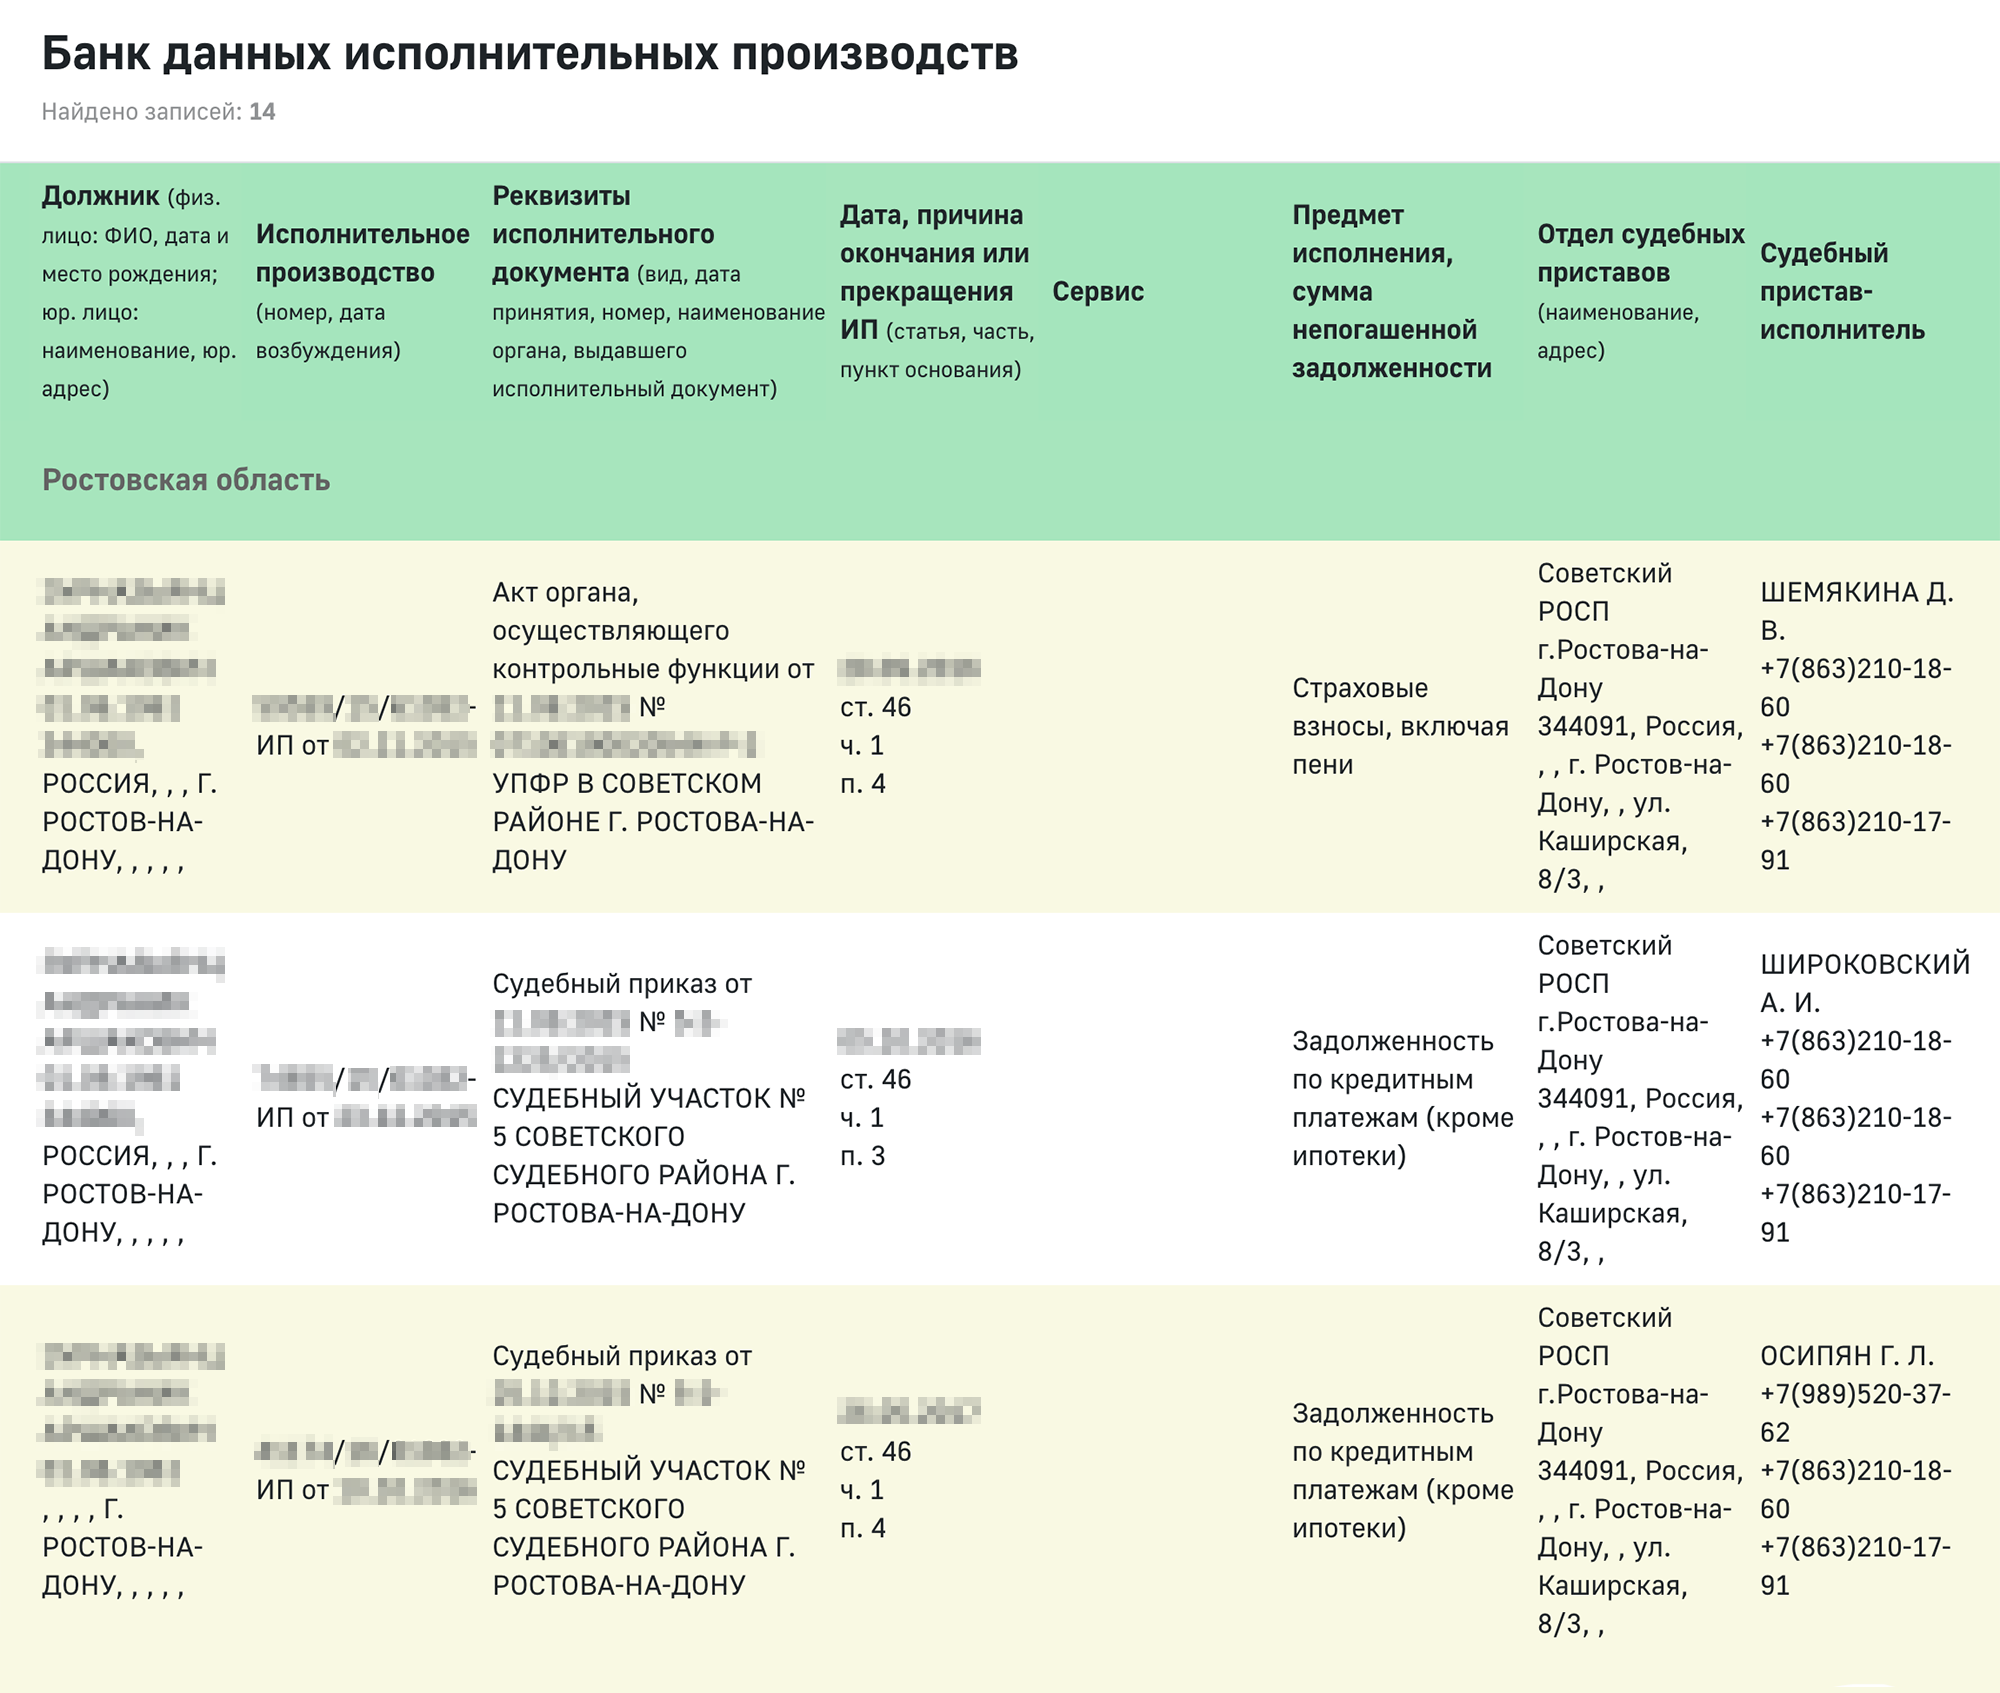 На сайте ФССП России есть информация о должниках. Это герой одной из изумительных историй&nbsp;<span class=nobr>Т—Ж</span>